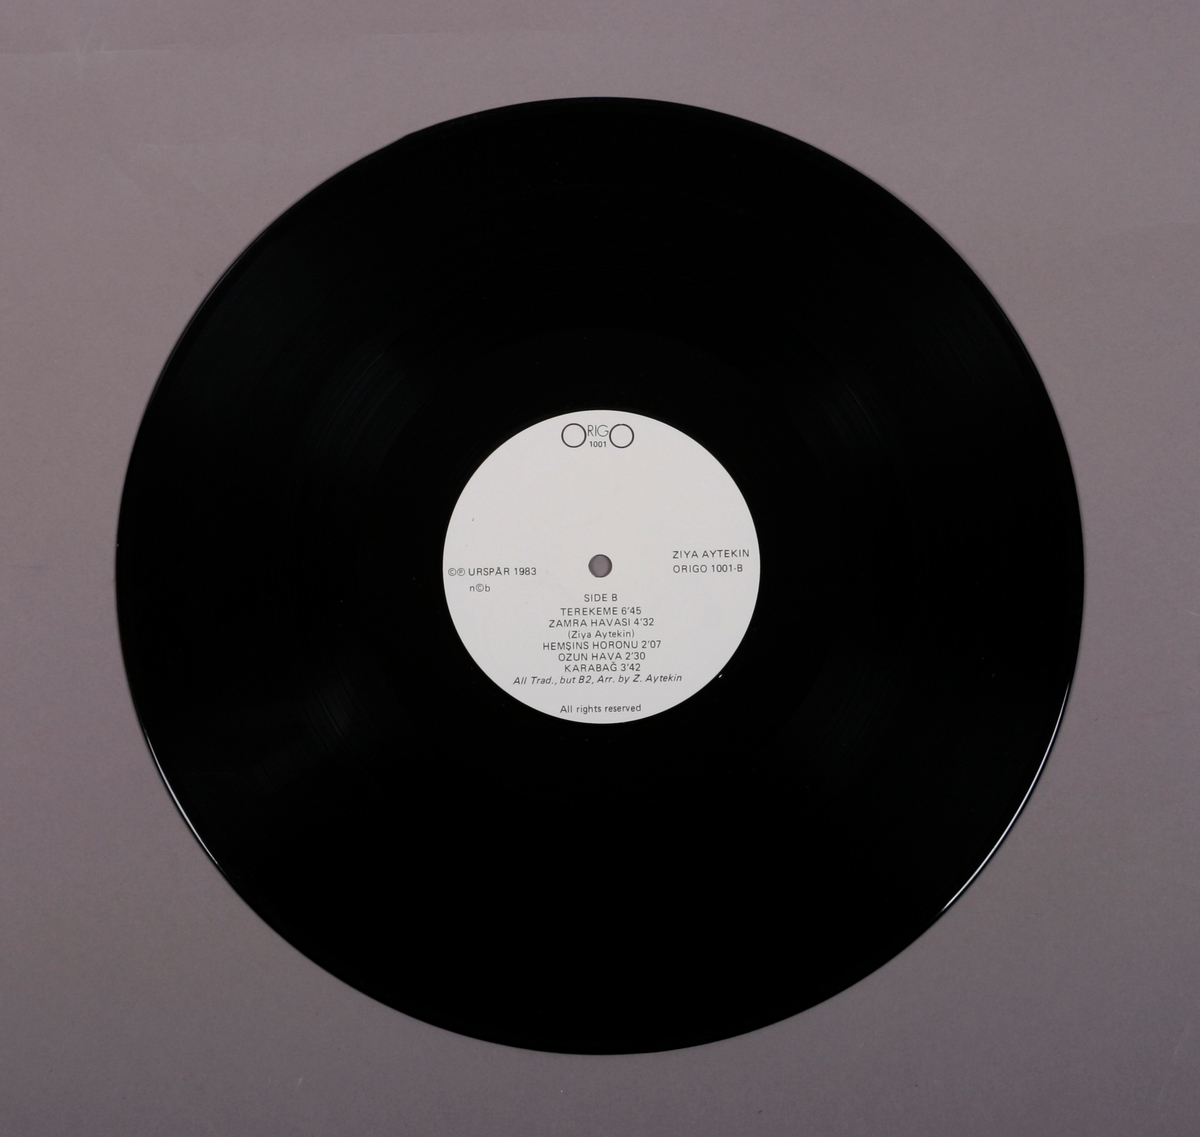 Grammofonplate i svart vinyl og plateomslag i papp. Teksthefte av papir. Postkort. Plata ligger i en papirlomme.